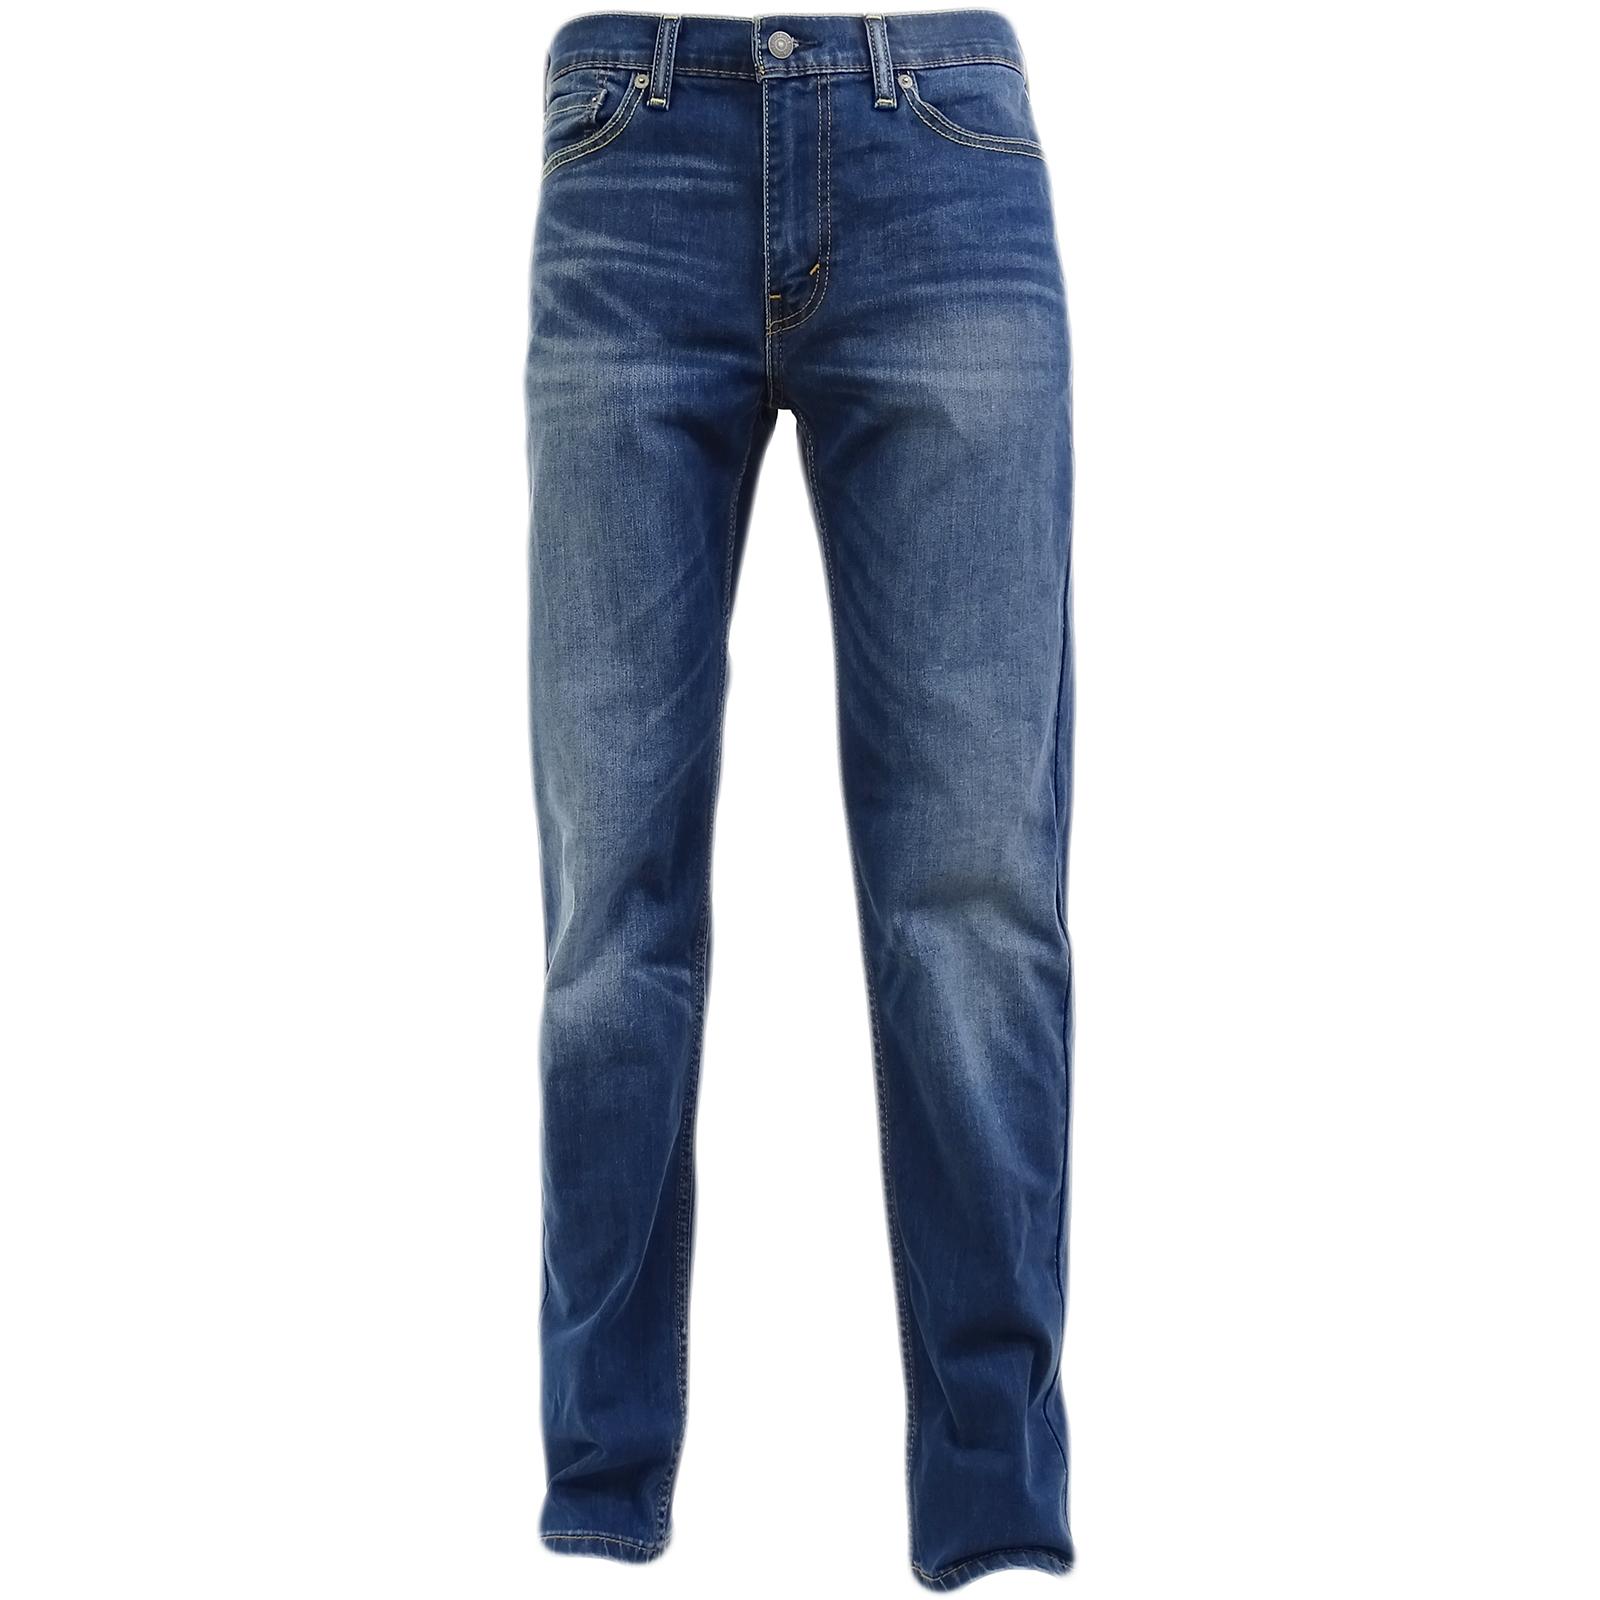 Levi-Strauss-514-pierna-recta-y-bota-medio-azul-con-decoloracion-nublado-09-78